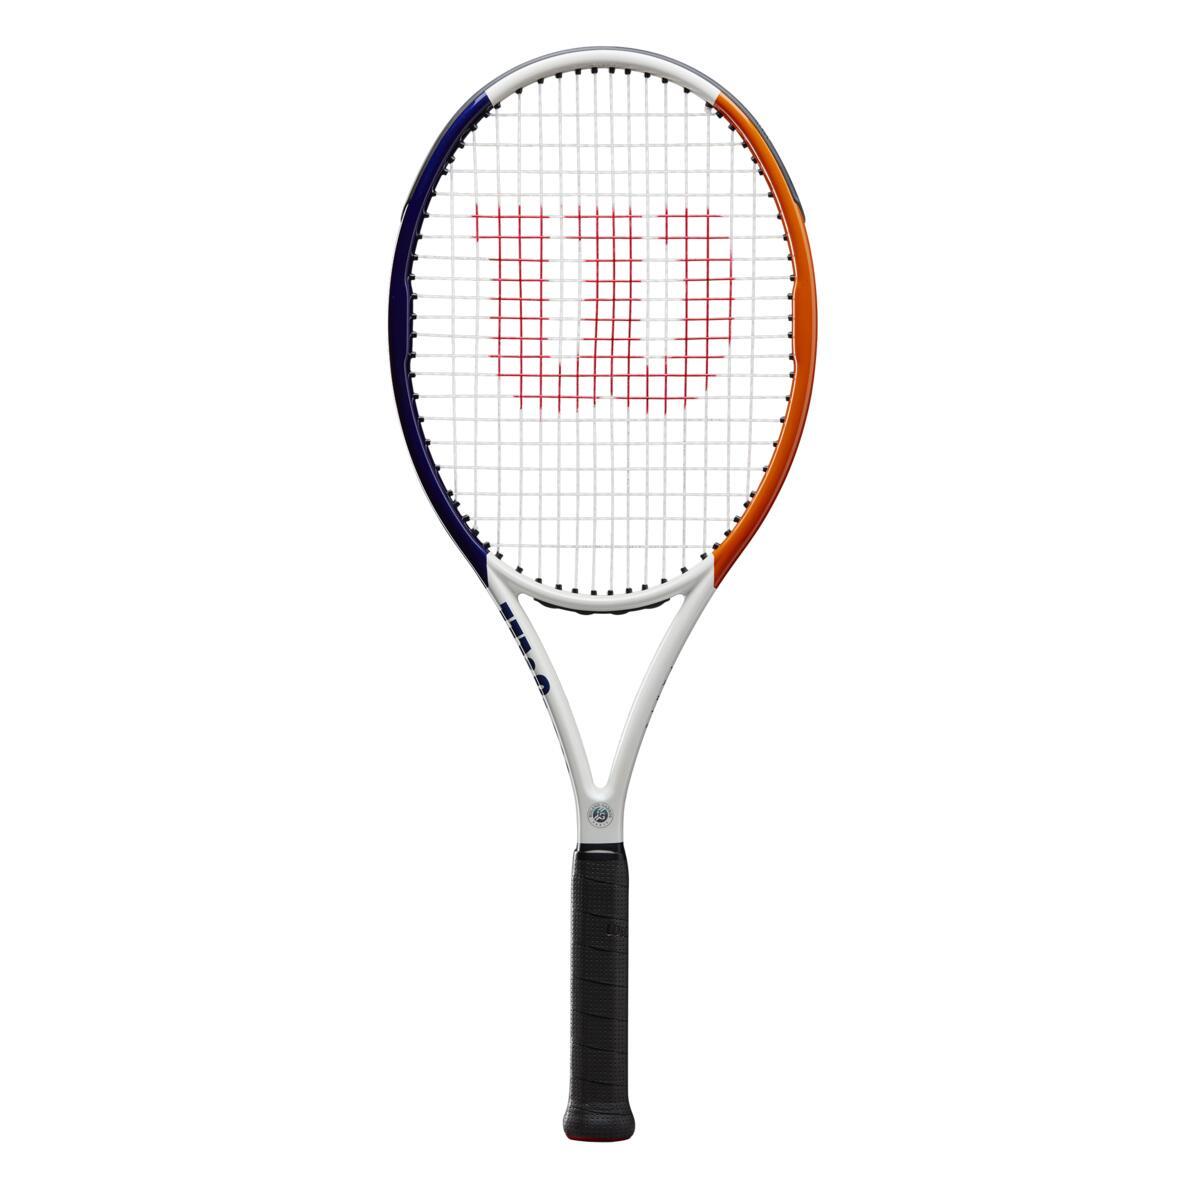 WR030310U_0_Roland_Garros_Team_102_WH_NV_OR.png.cq5dam.web.1200.1200